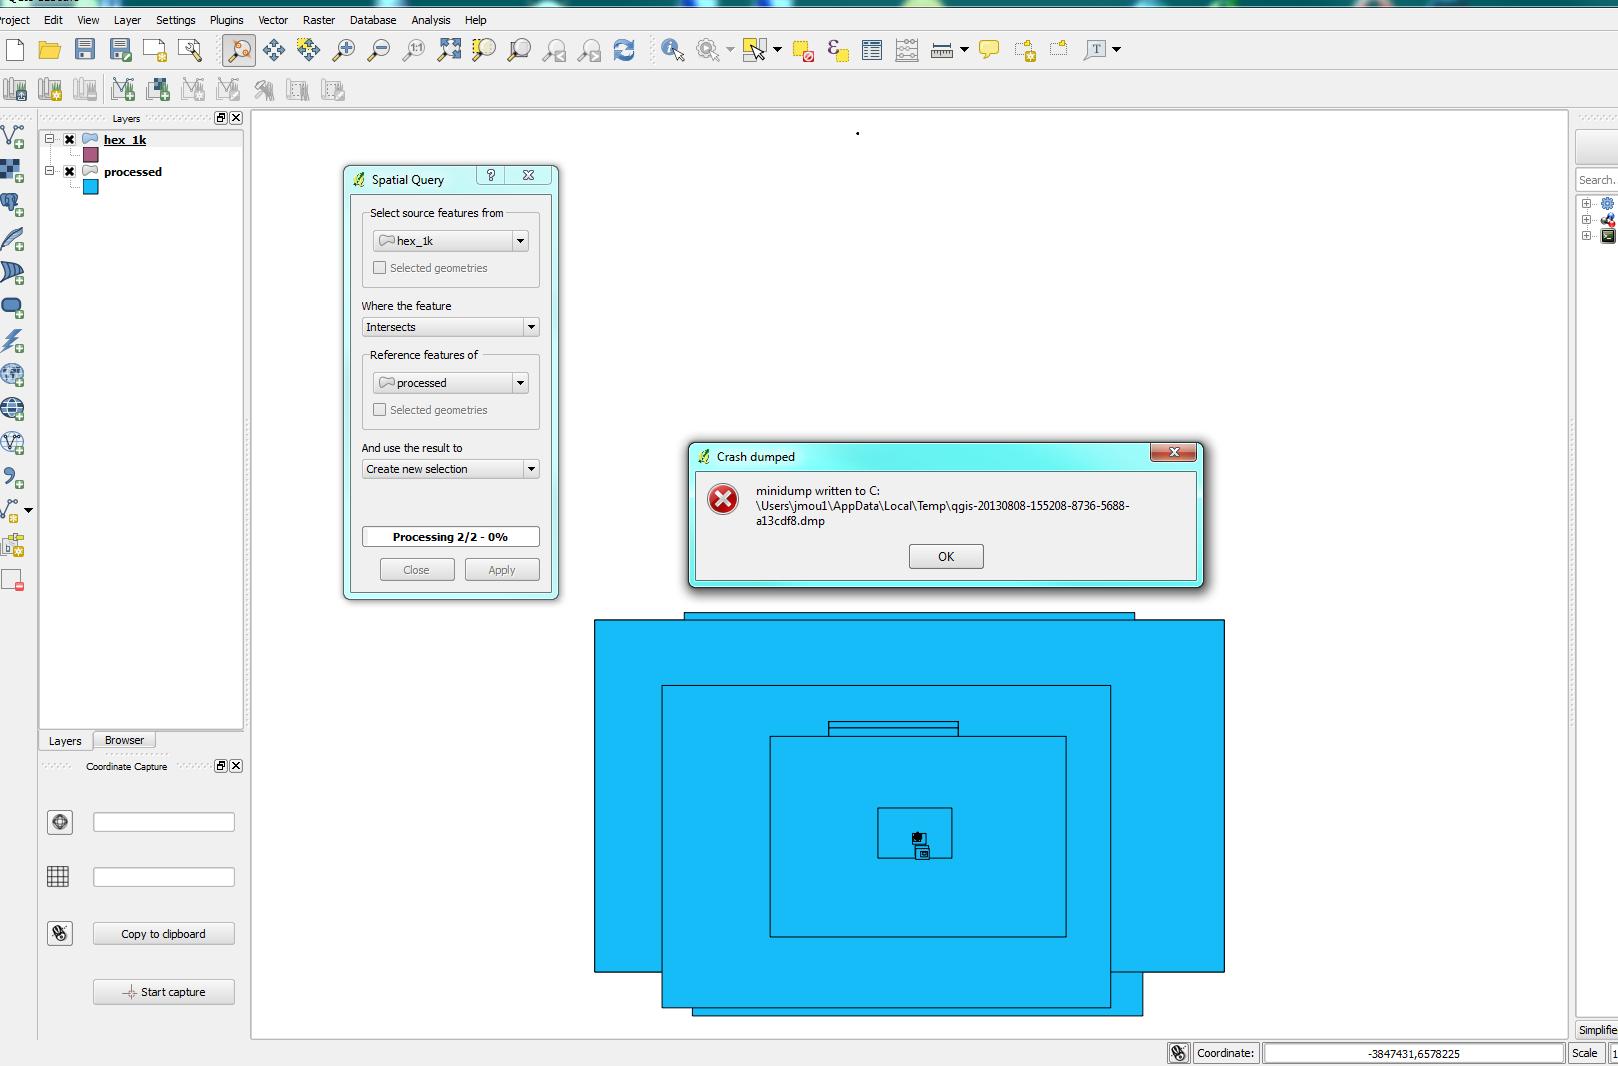 Bug report #8433: Repeated Crash - Spatial Query tool - QGIS